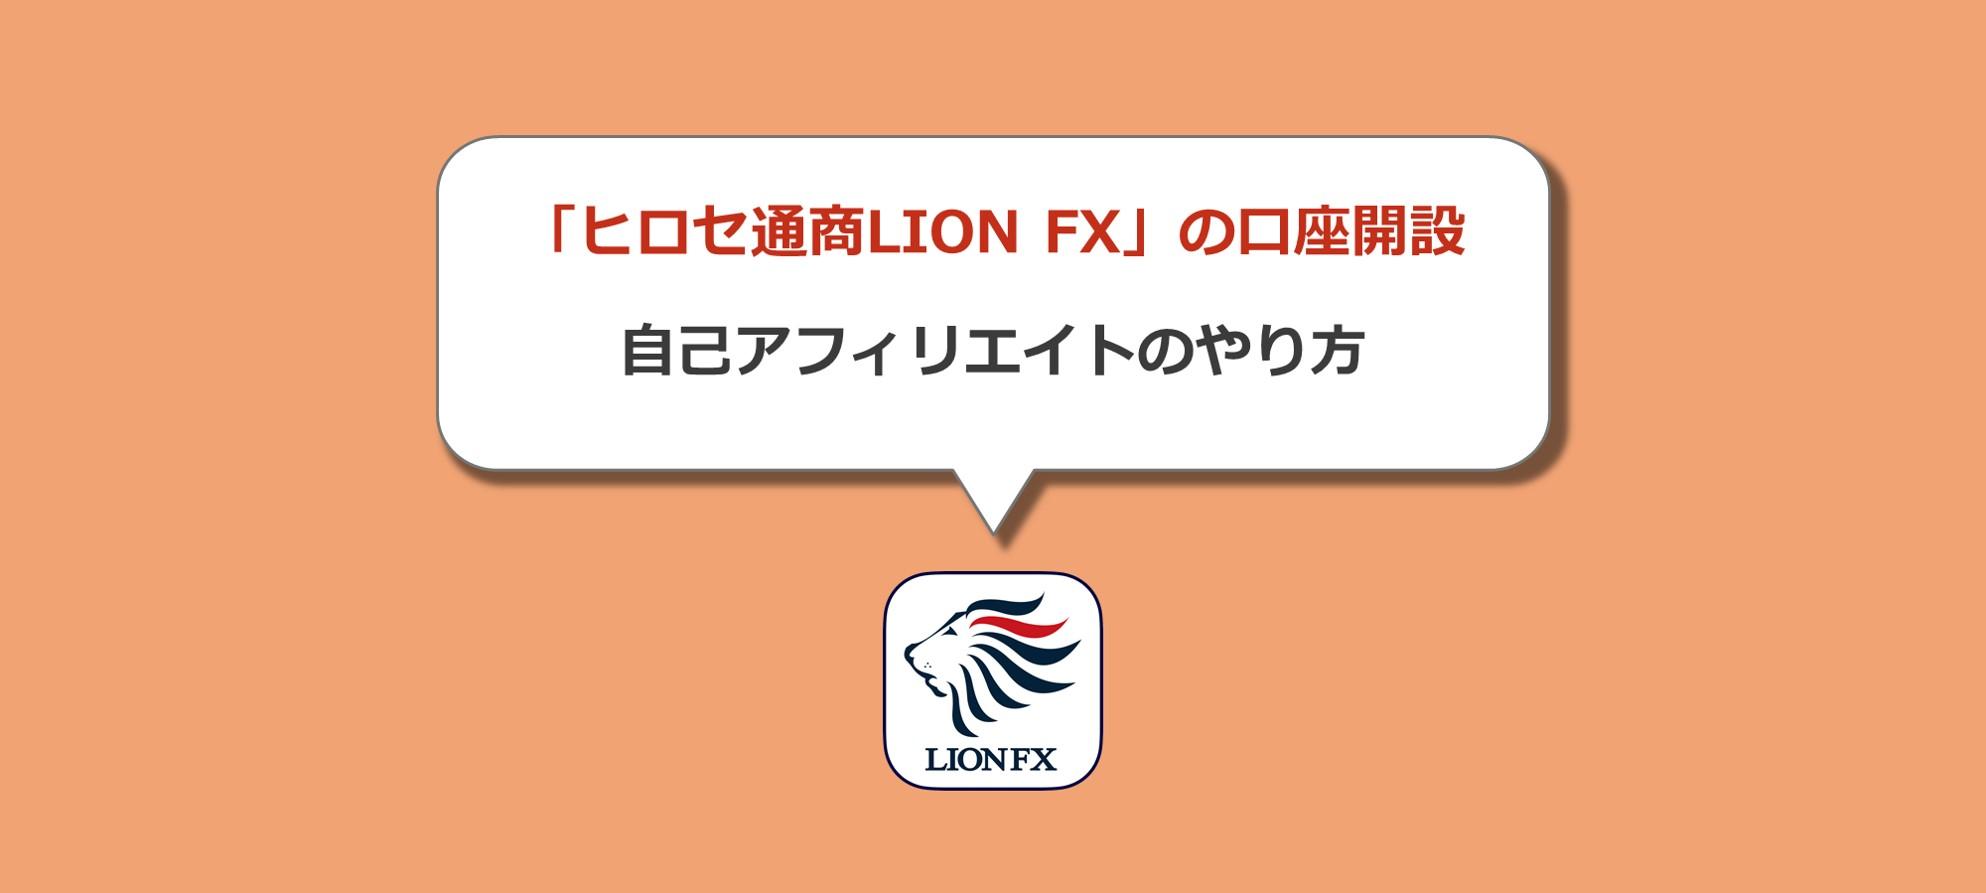 【自己アフィリエイト】ヒロセ通商LION FXで報酬を受取る具体的な取引手順